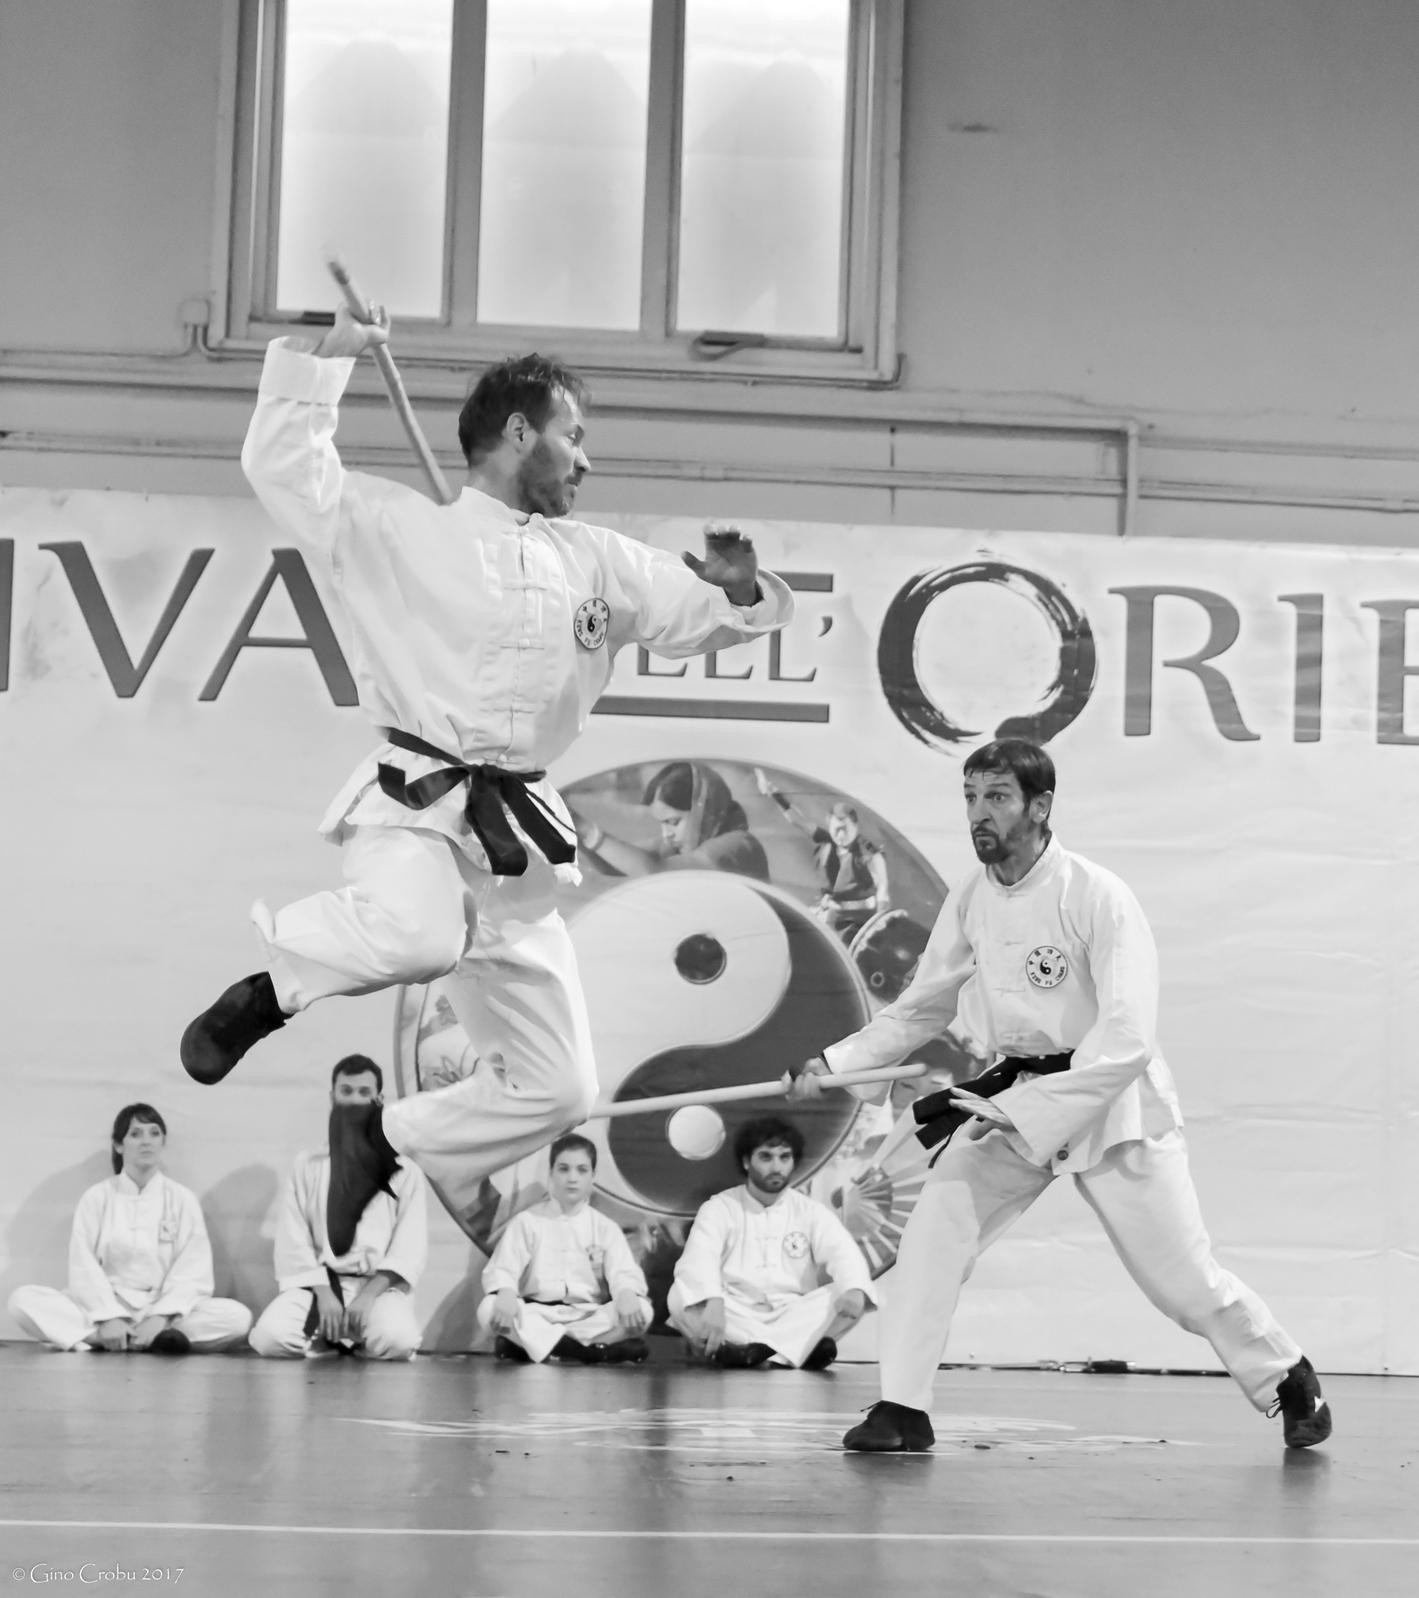 Festival dell'Oriente 2017 - Shaolin - Bastone Corto vs Bastone Lungo